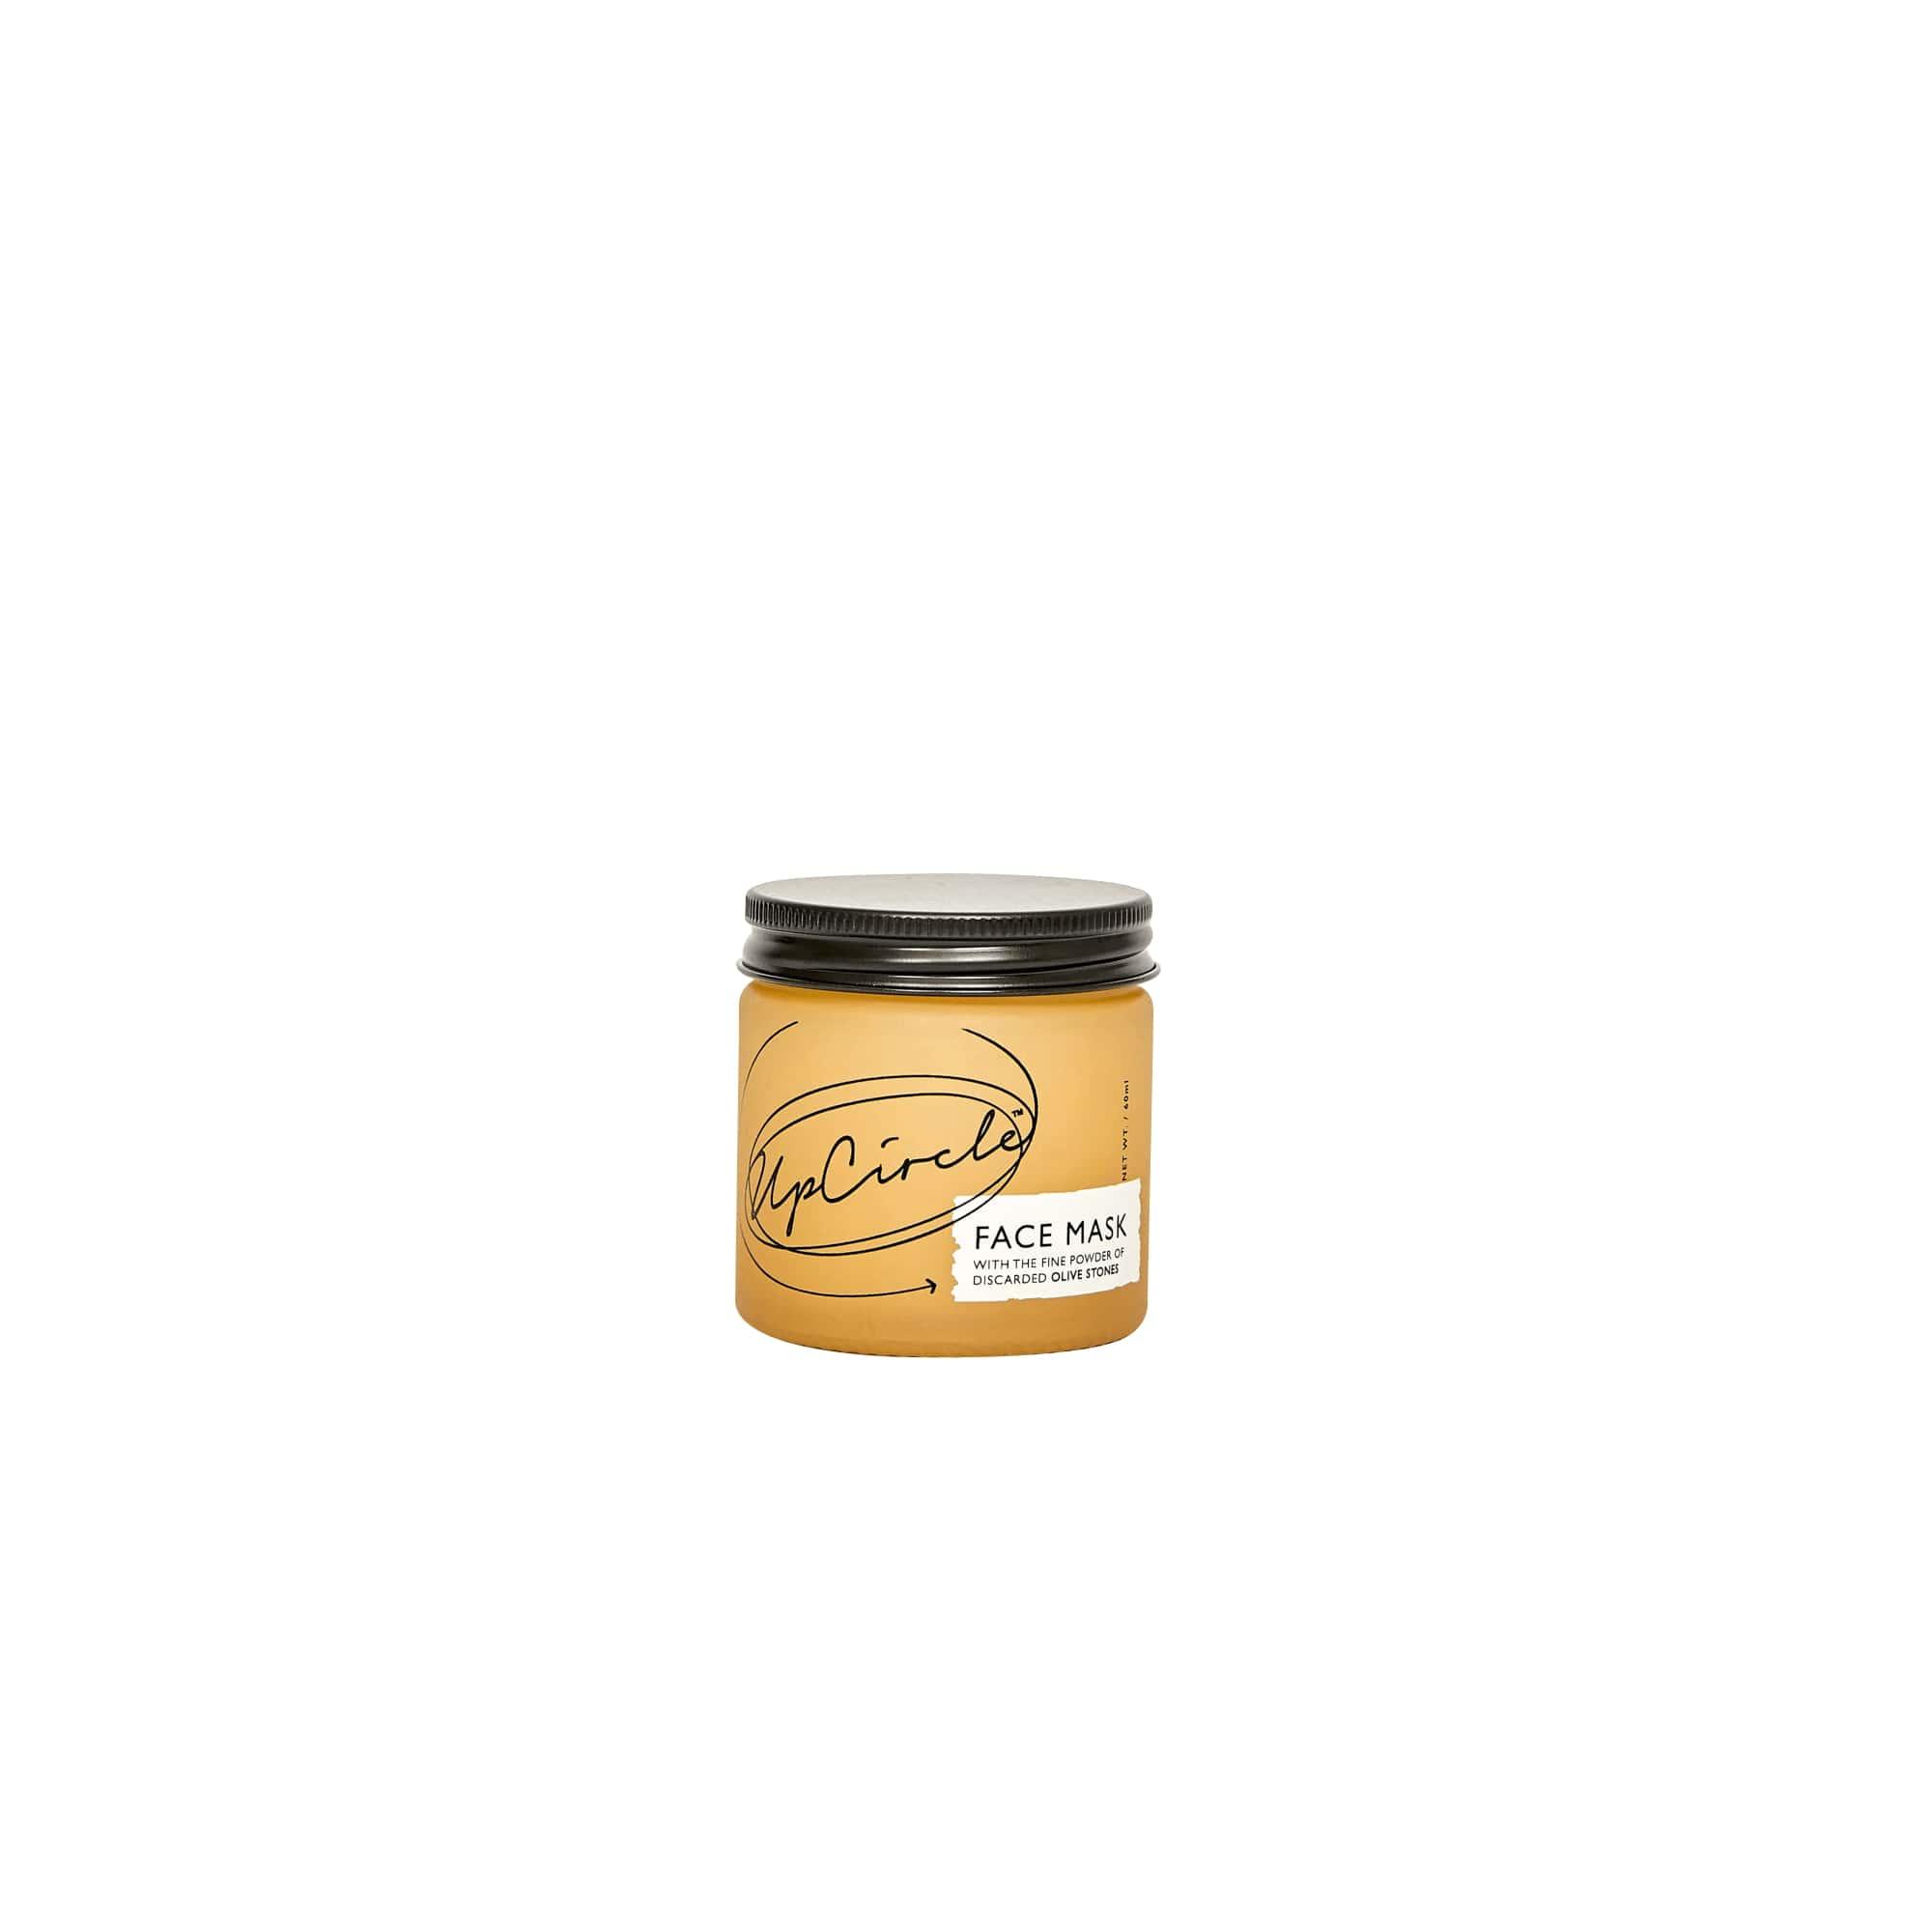 UpCircle Olive Clarifying Face Mask, 60 ml